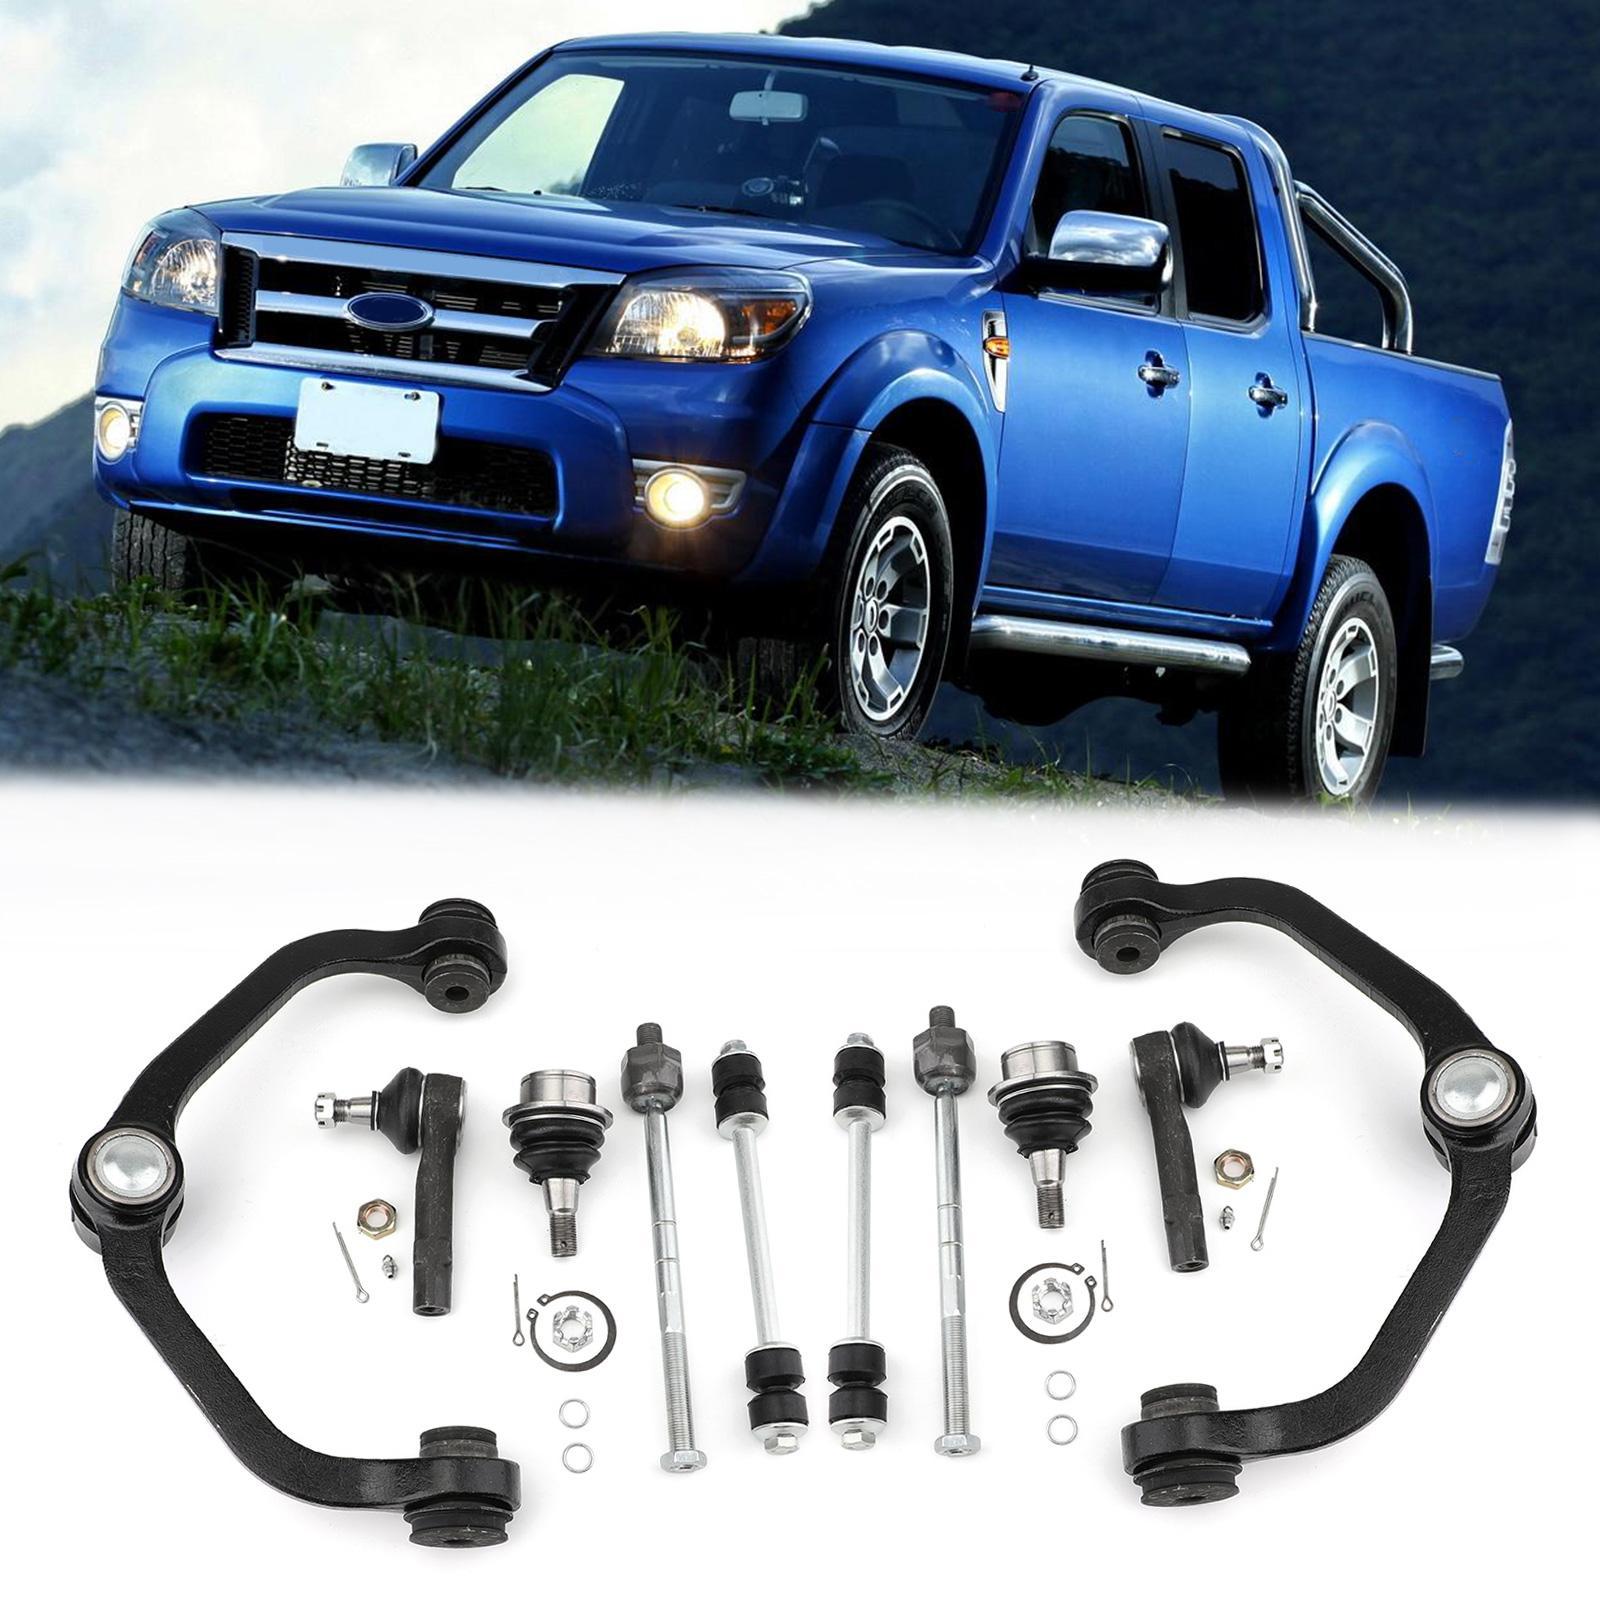 Areyourshop 2WD 10pc di controllo del braccio anteriore Giunti a sfera interno esterno Tiranti per Ford Ranger U.S. auto-designa gli accessori di ricambio